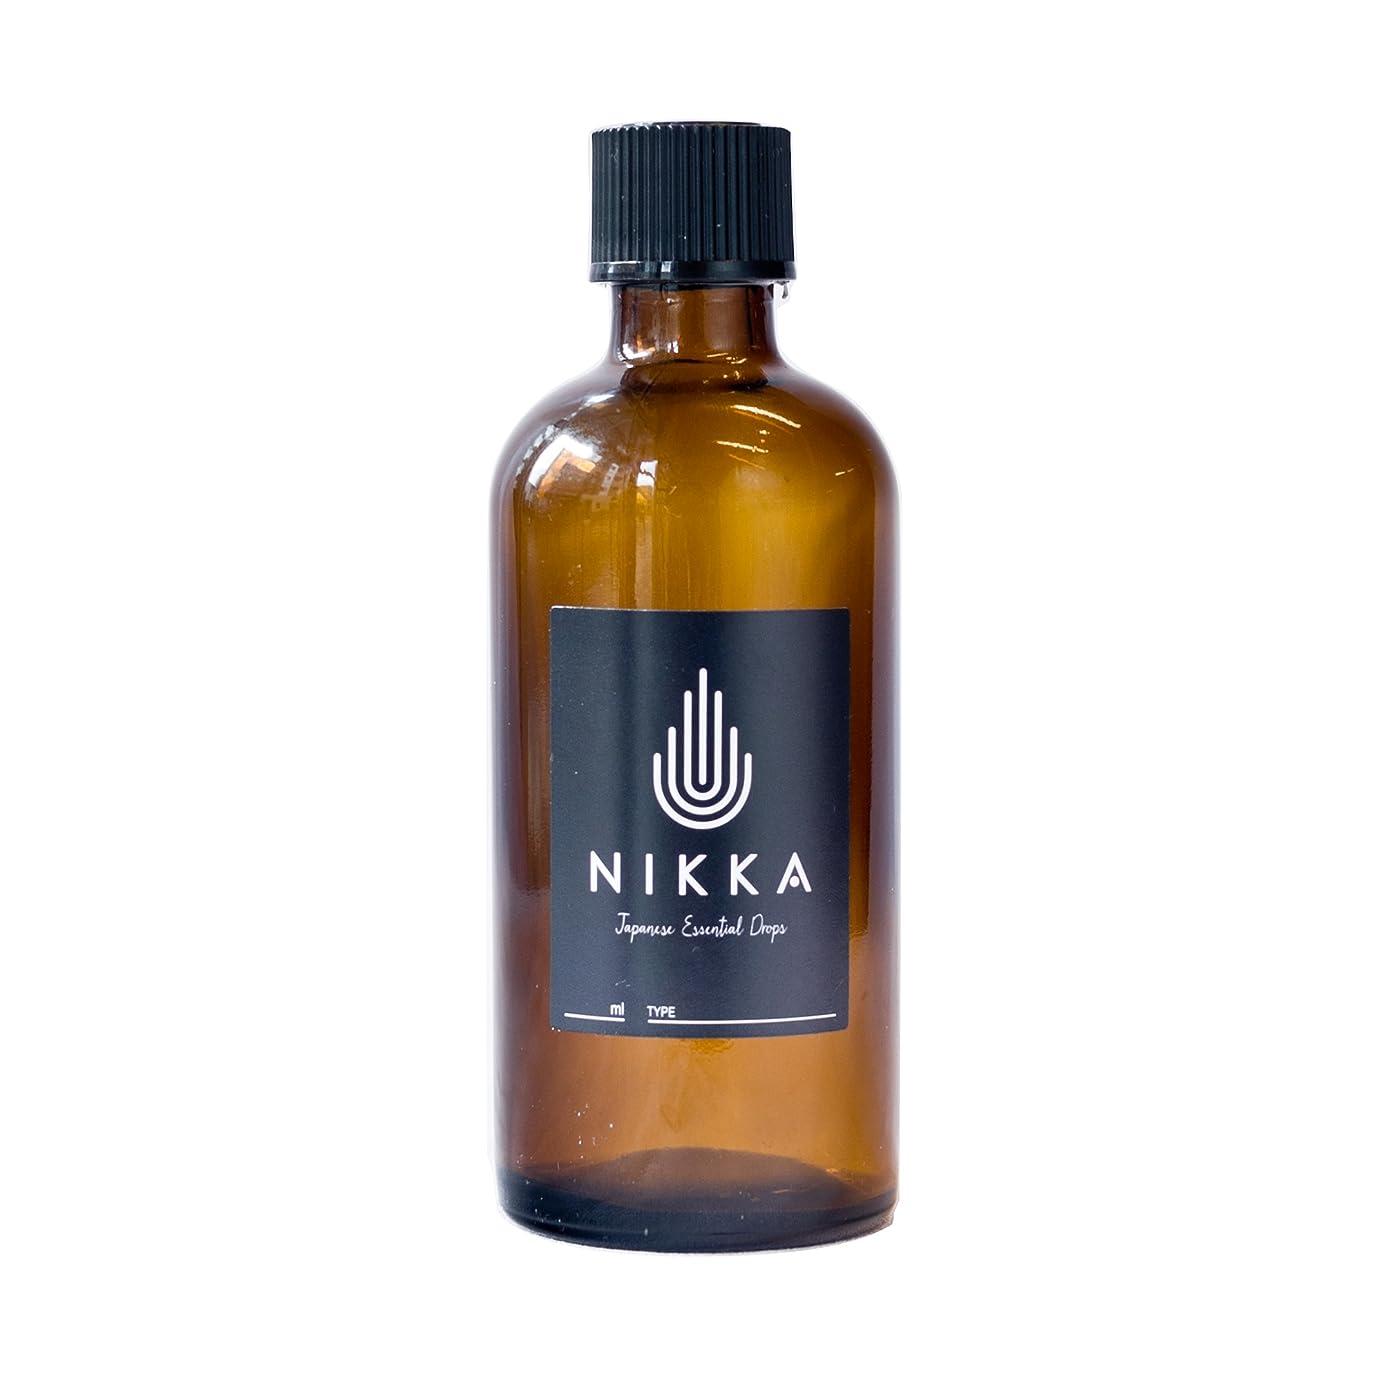 側魅惑的な実装するNIKKA エッセンシャルオイル 杉葉 100ml